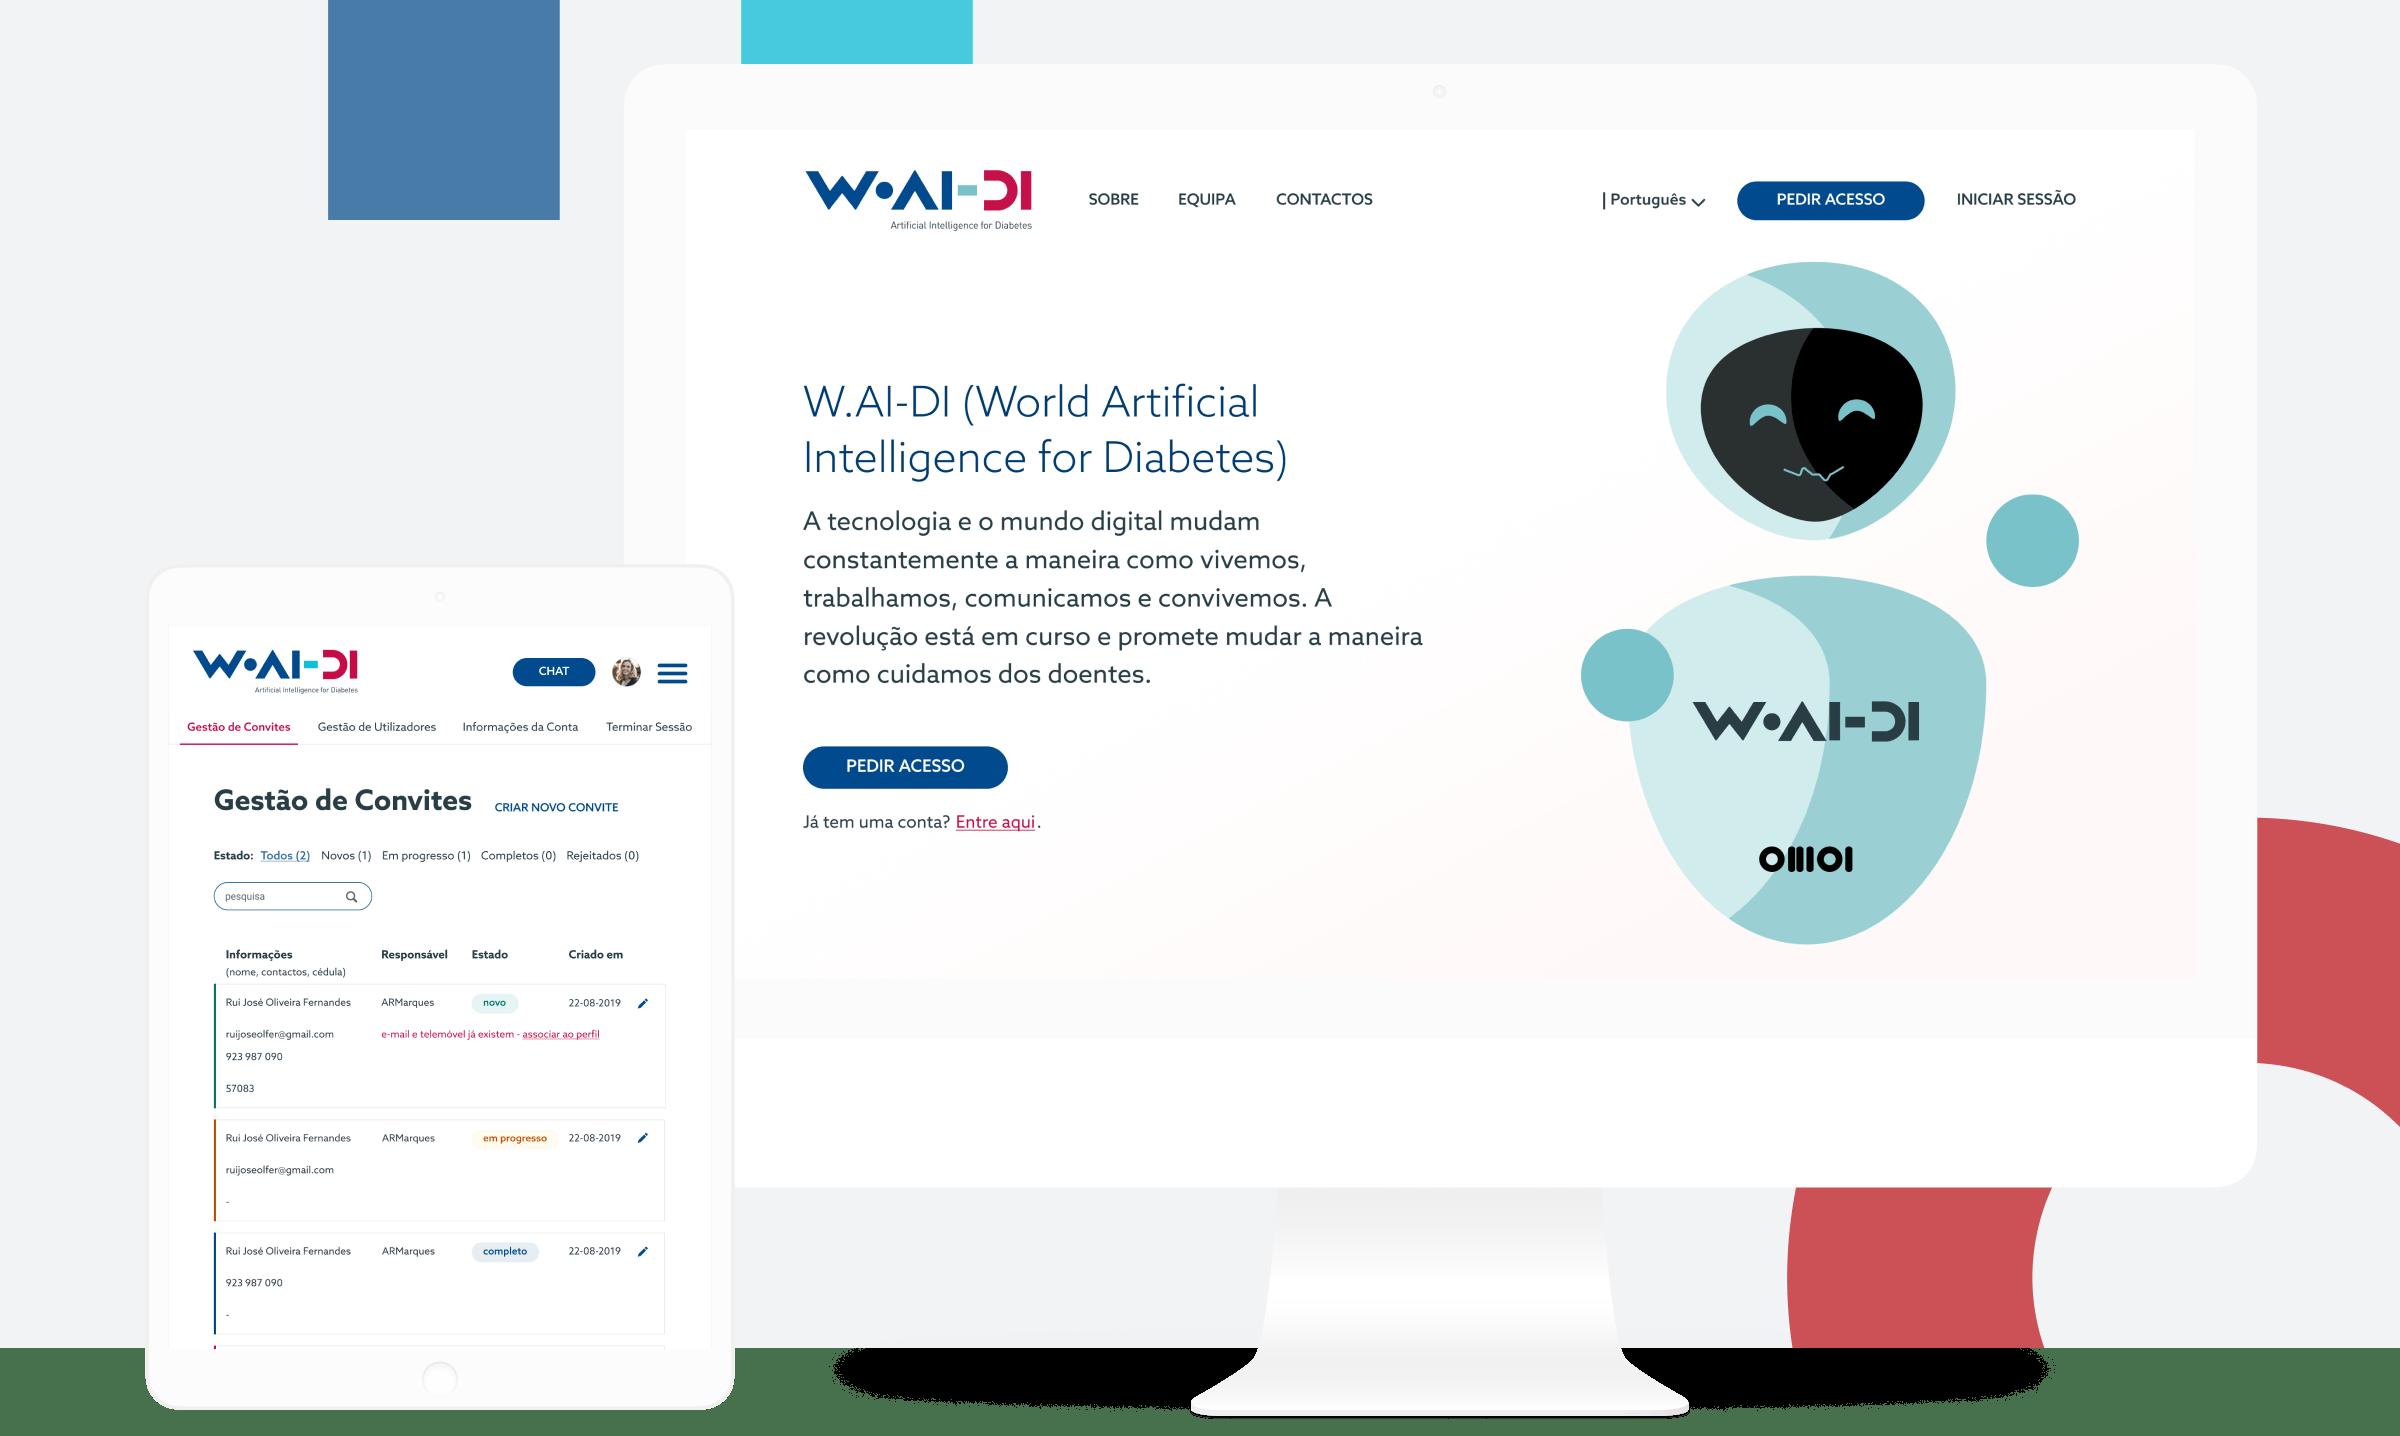 W-AI.DI PWA